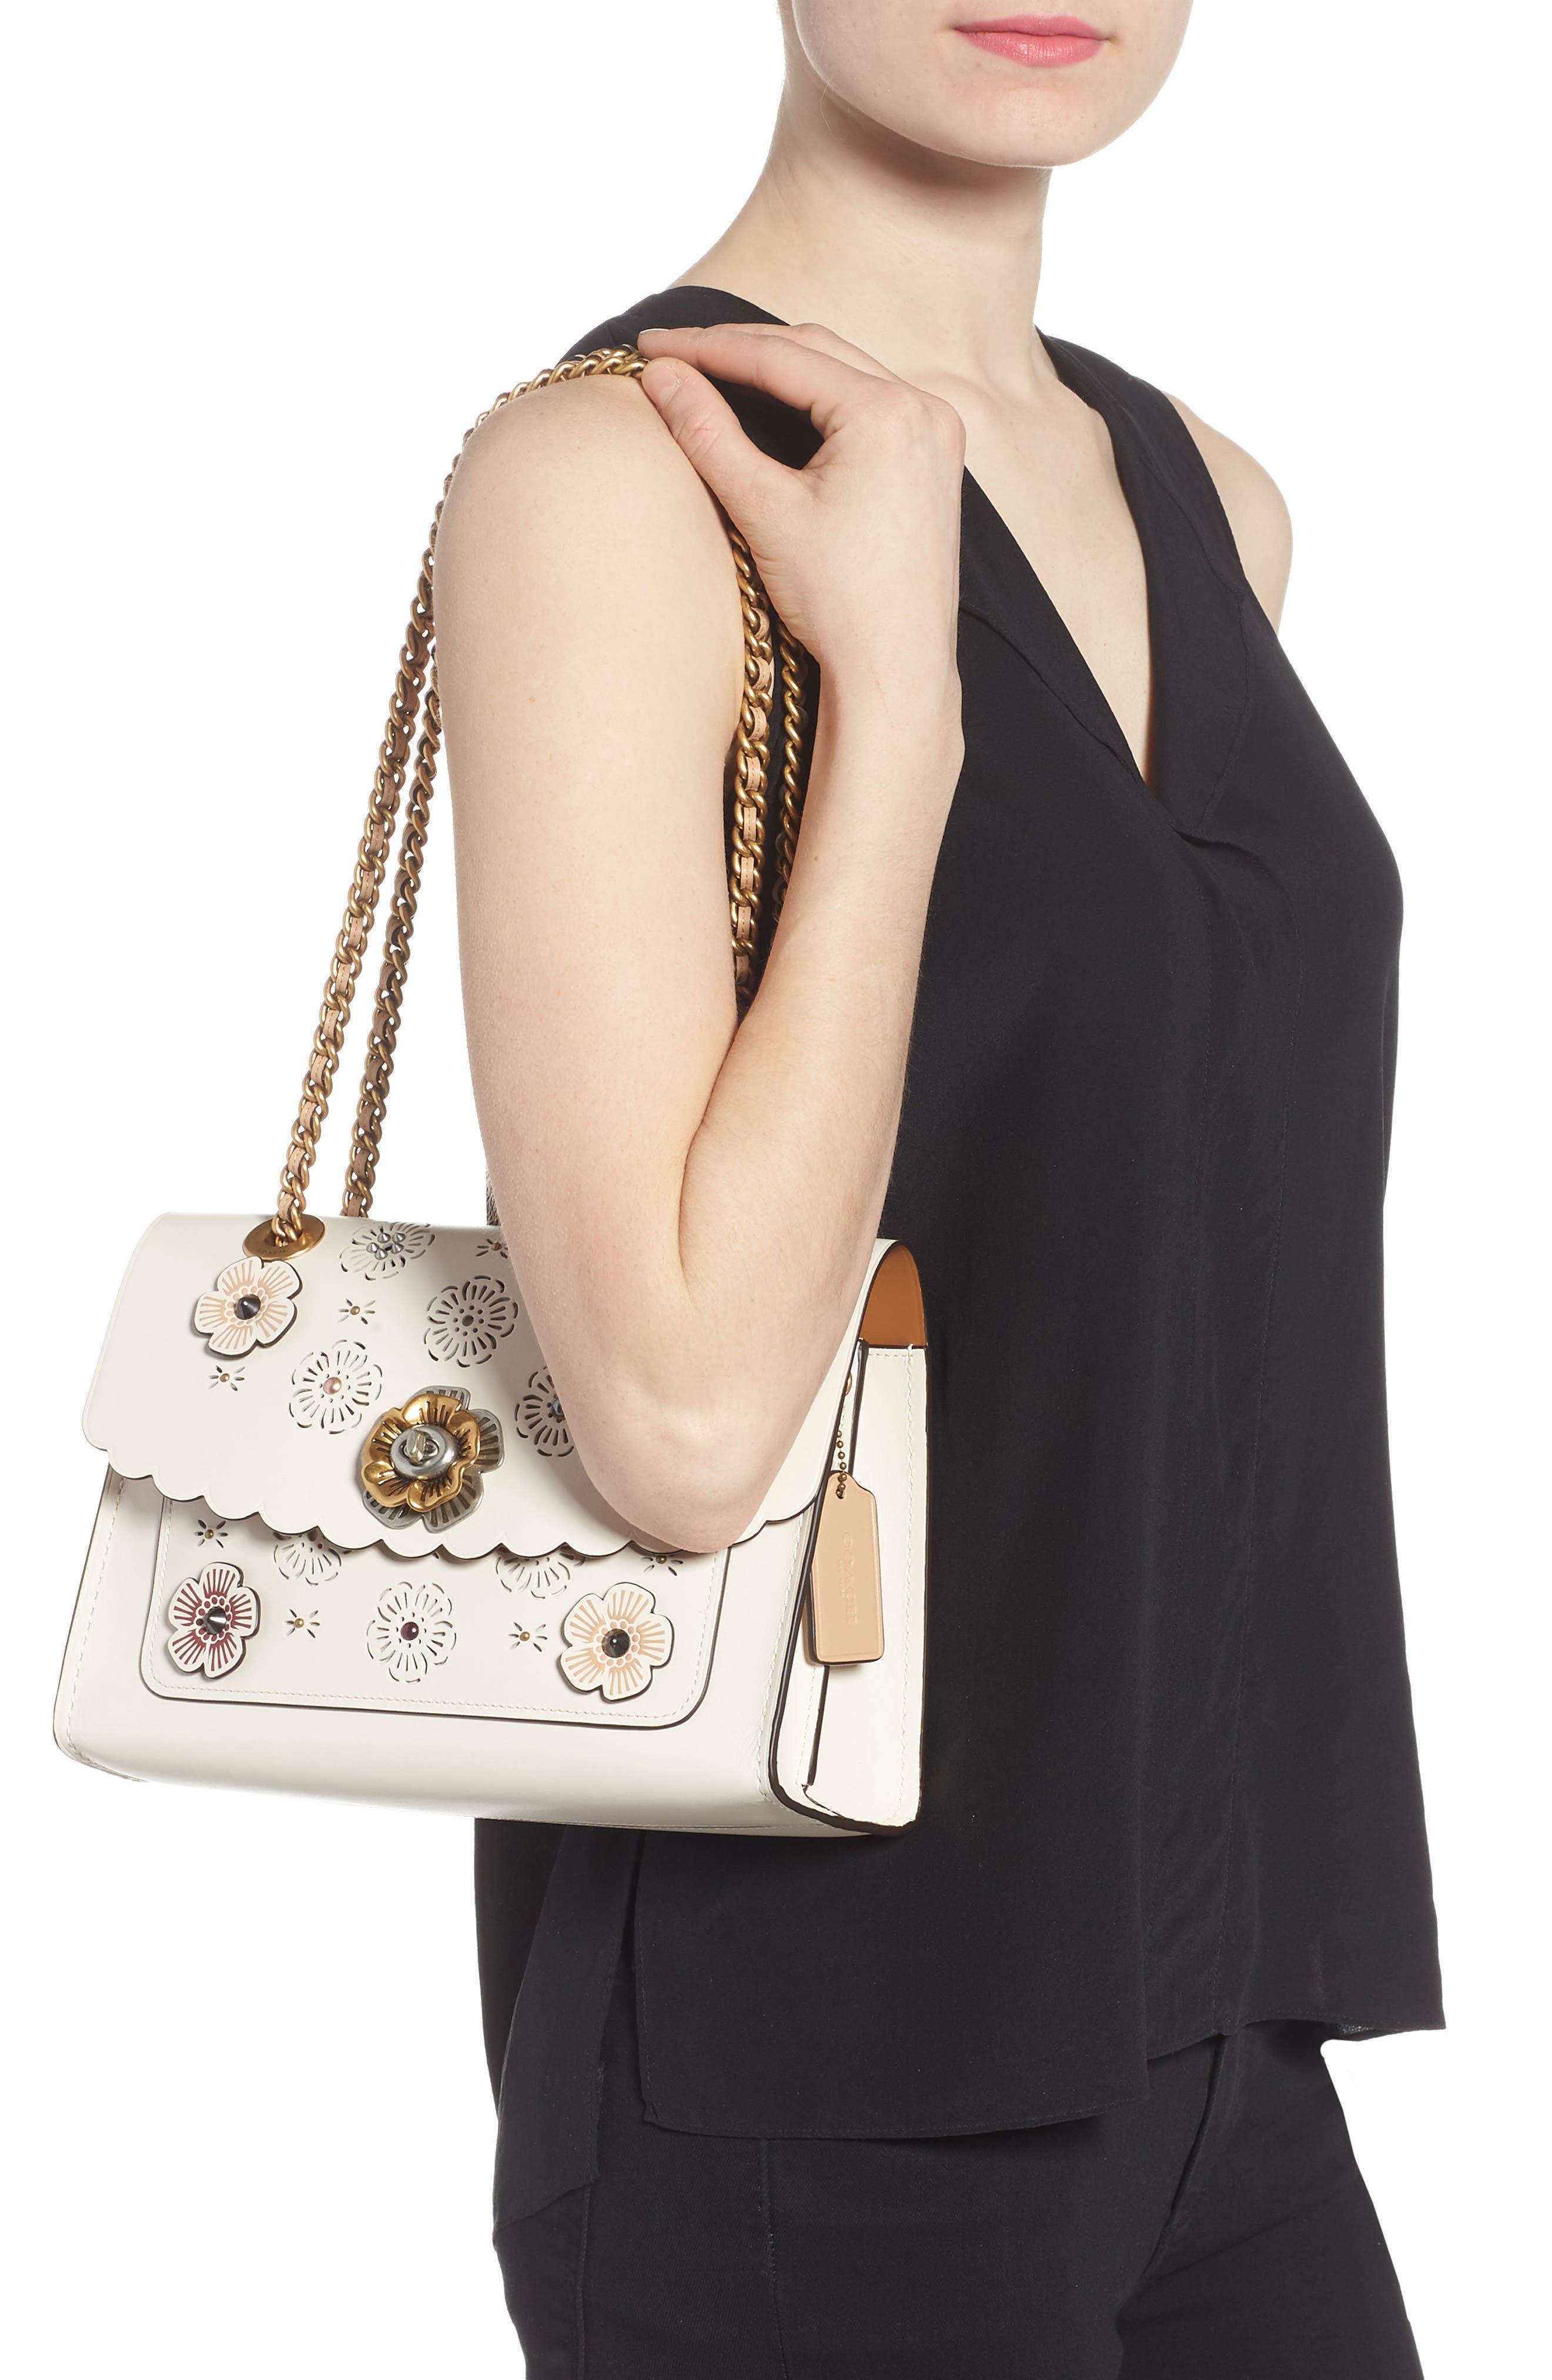 Parker Floral Embellished Leather Shoulder Bag,                             Alternate thumbnail 2, color,                             Chalk Multi